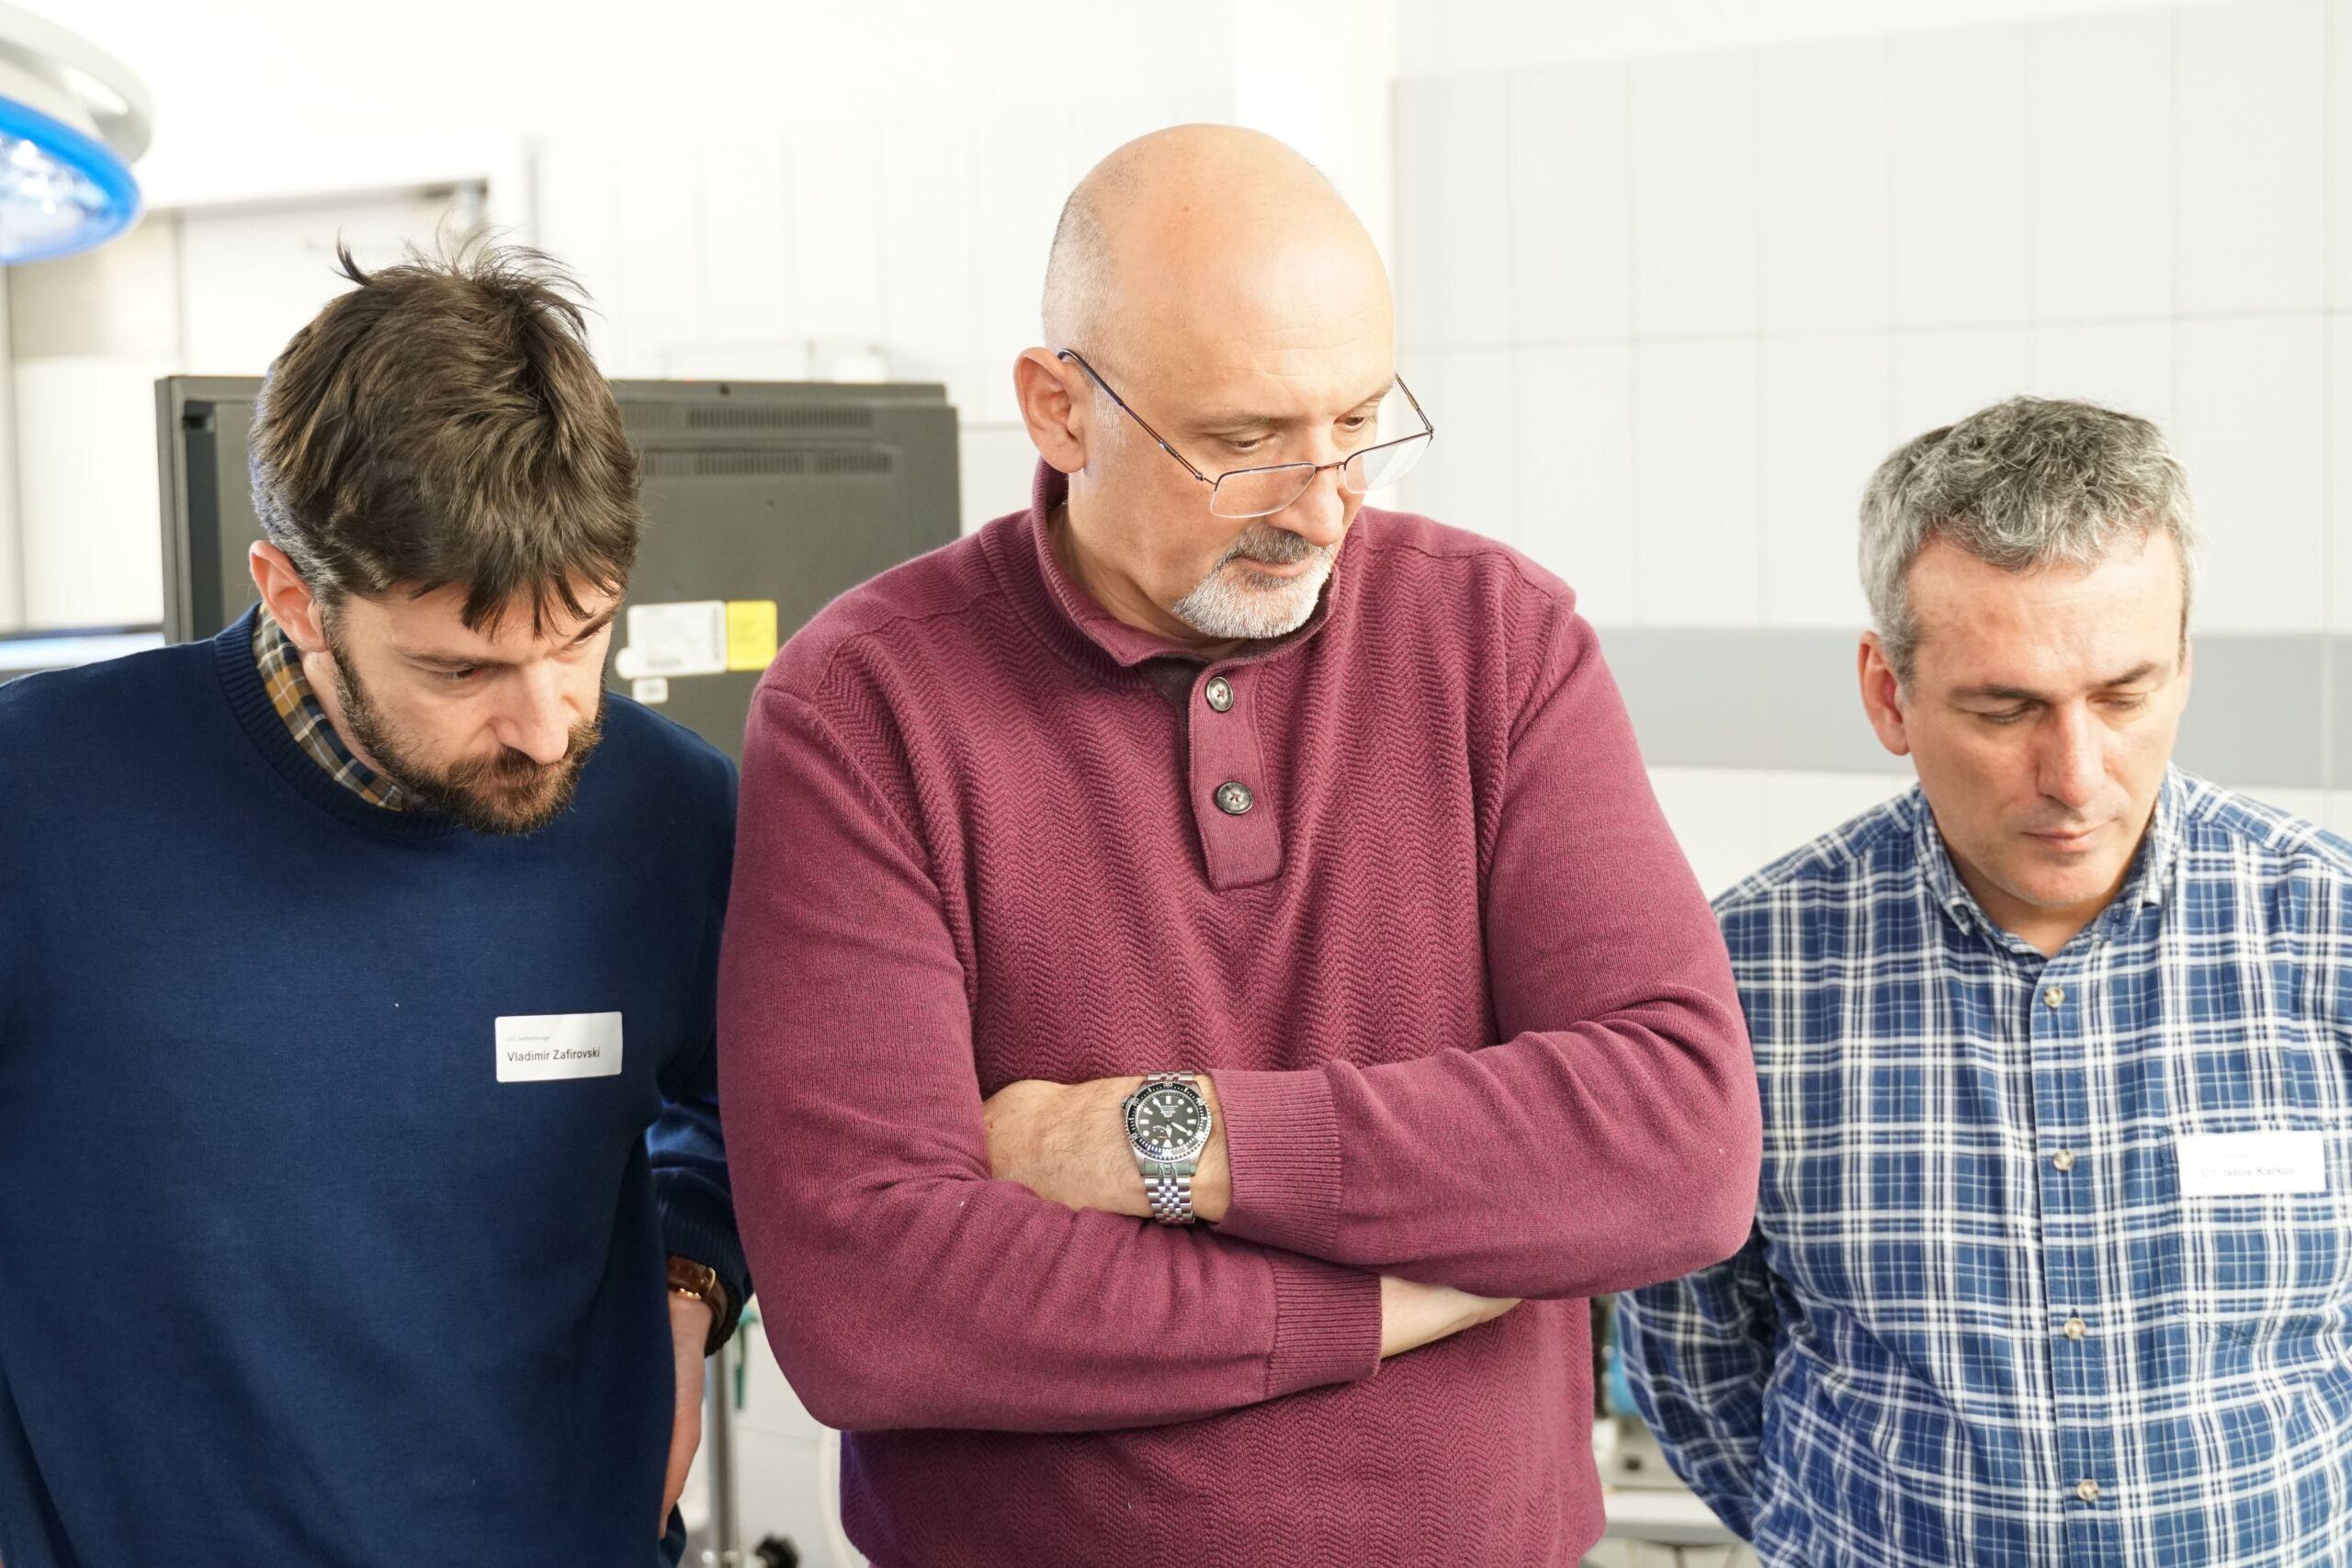 Drei Männer schauen bei etwas zu